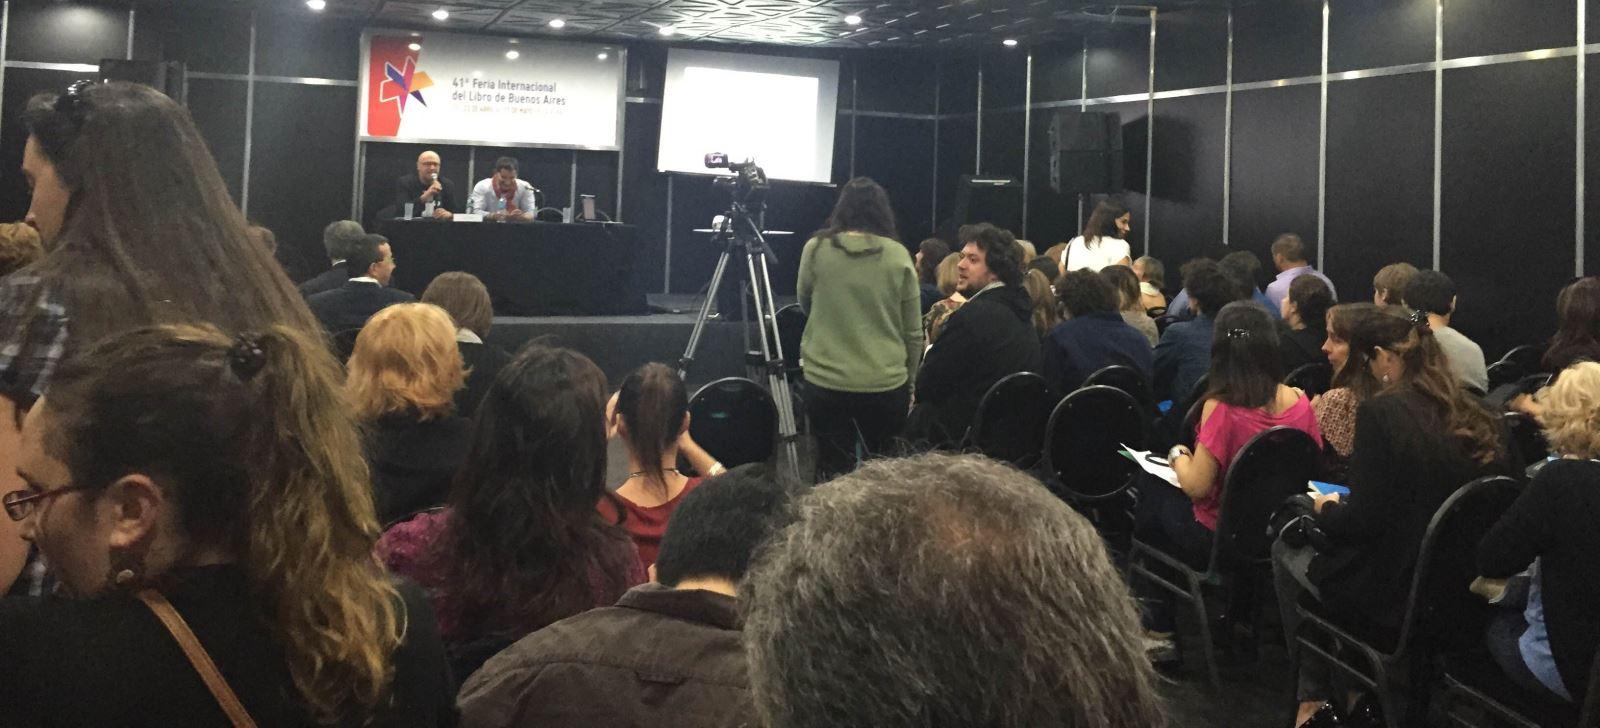 to de la Sala Francisco Gabilondo Soler en la que se celebraron las Jornadas de Edición Universitaria, durante la intervención de Lluís Pastor. / Foto: Jorge Waldhuter.